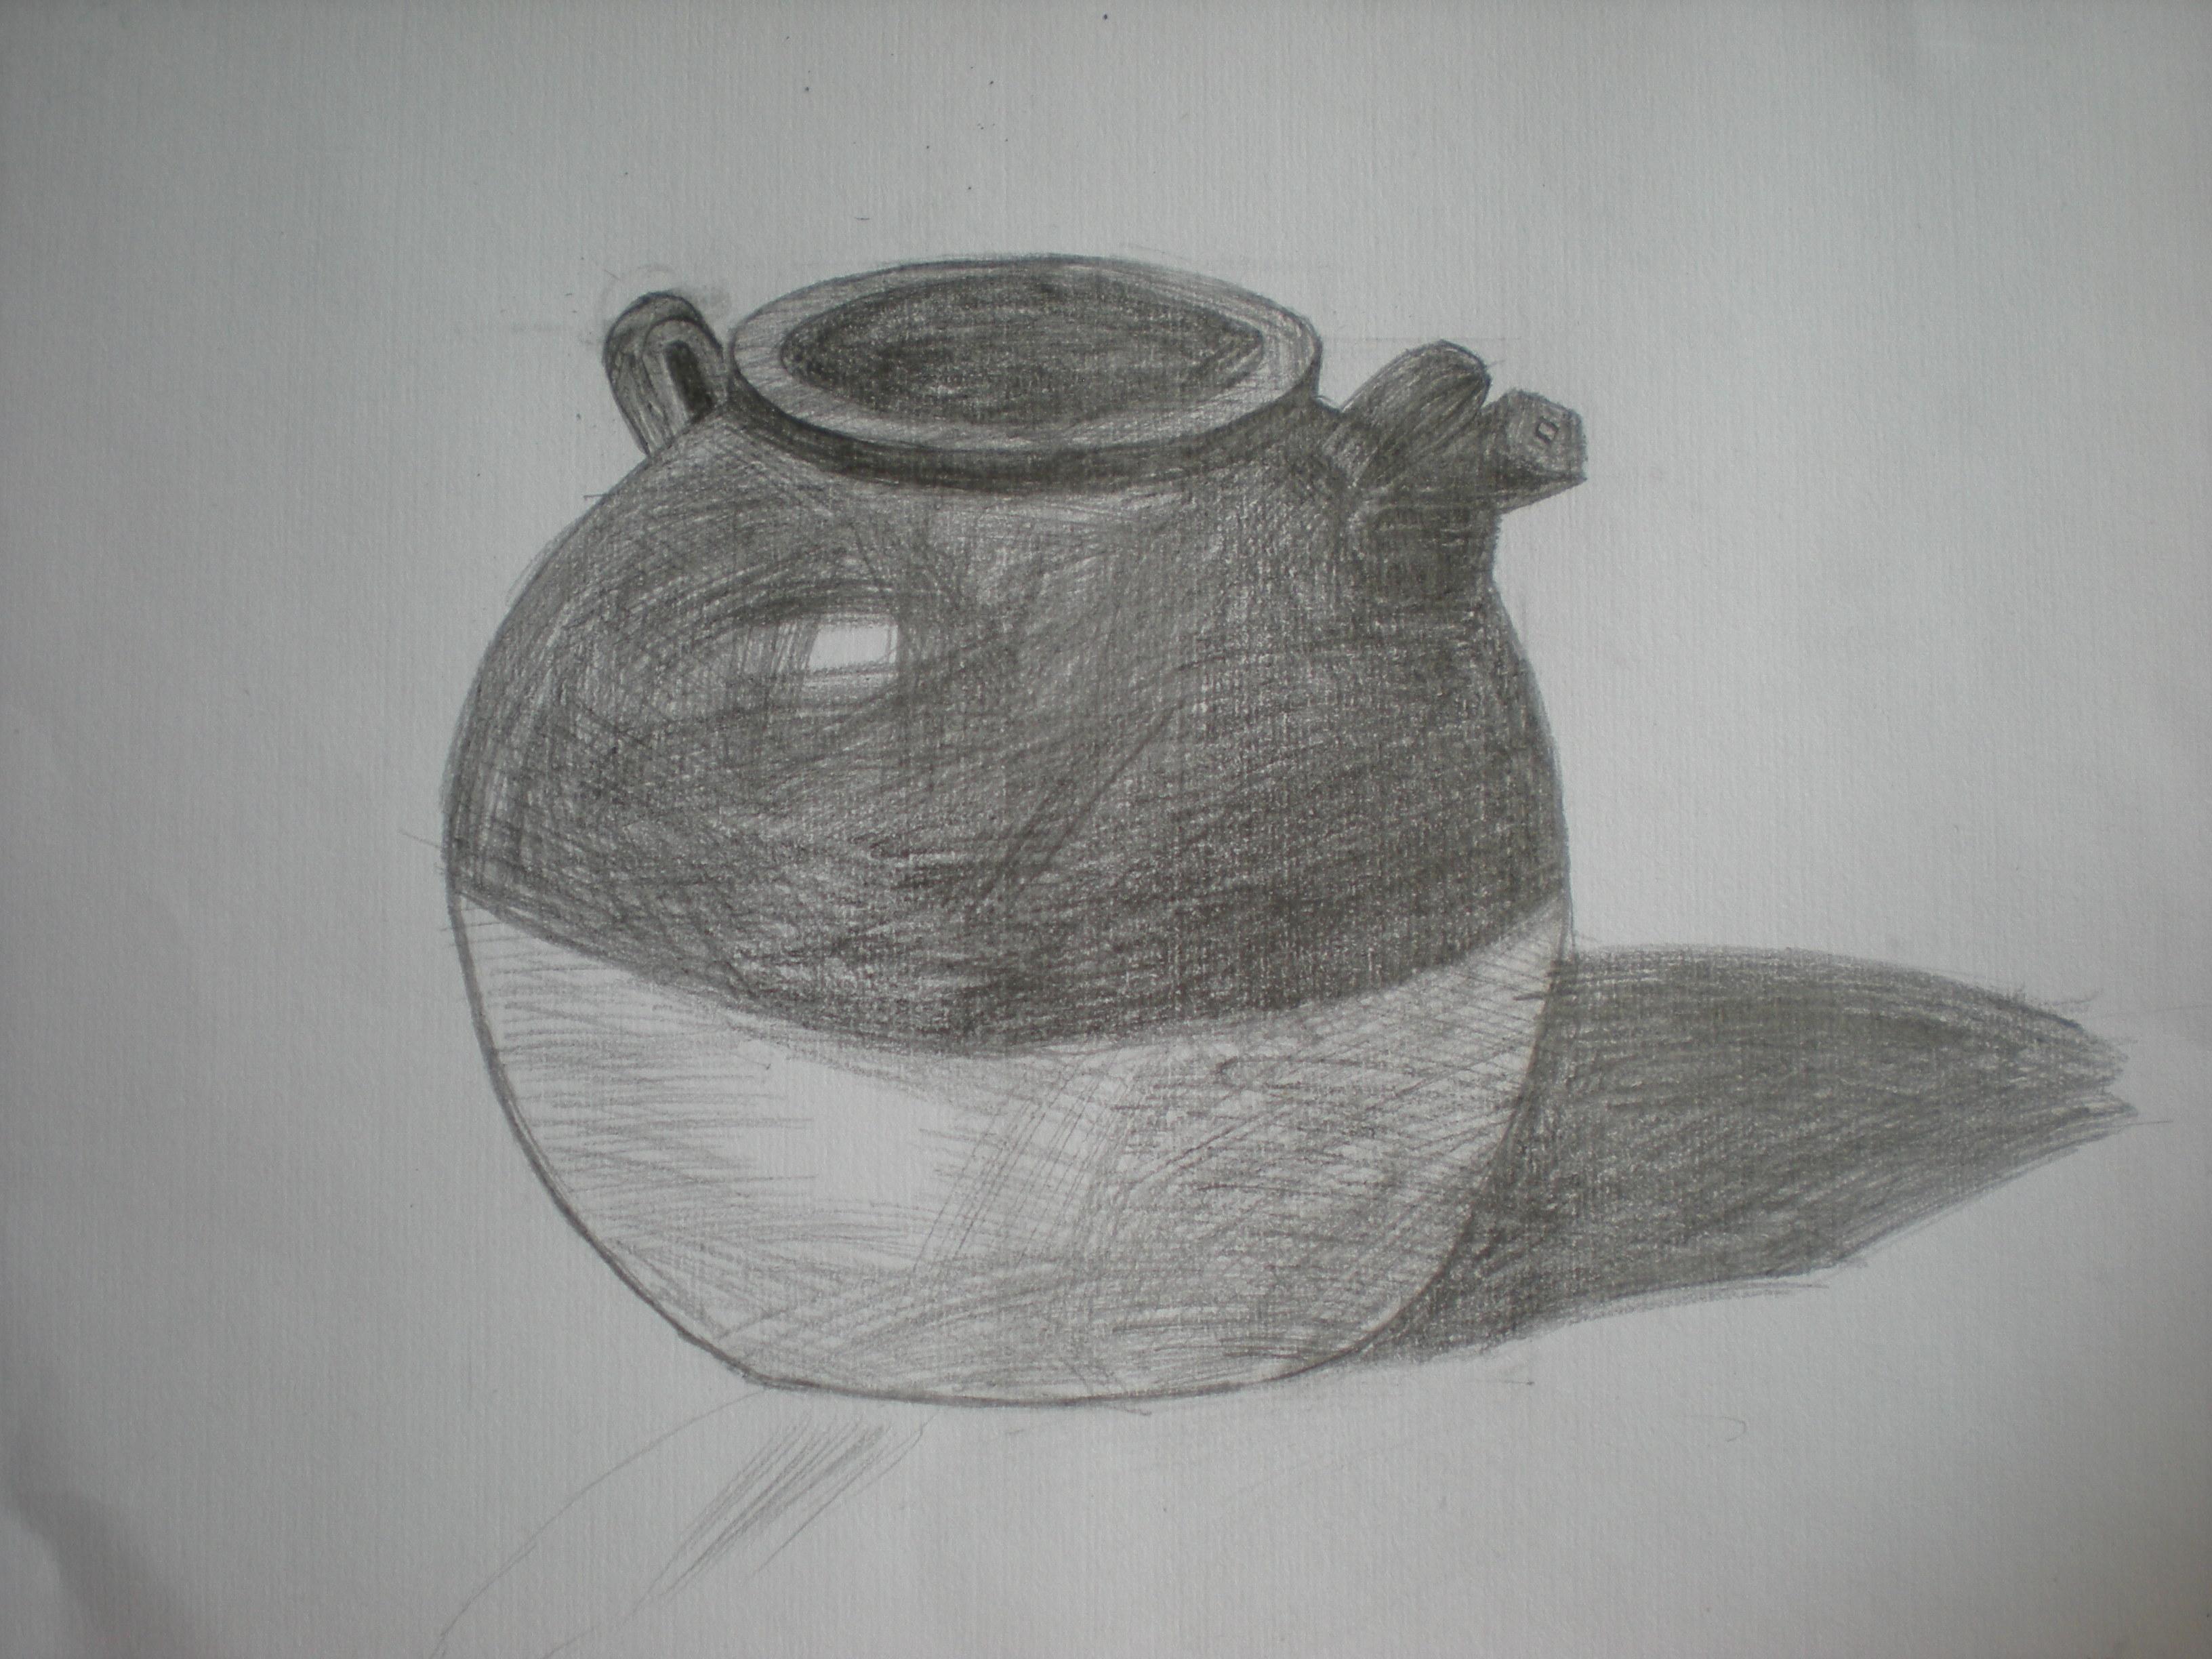 萝卜白菜陶罐素描展示